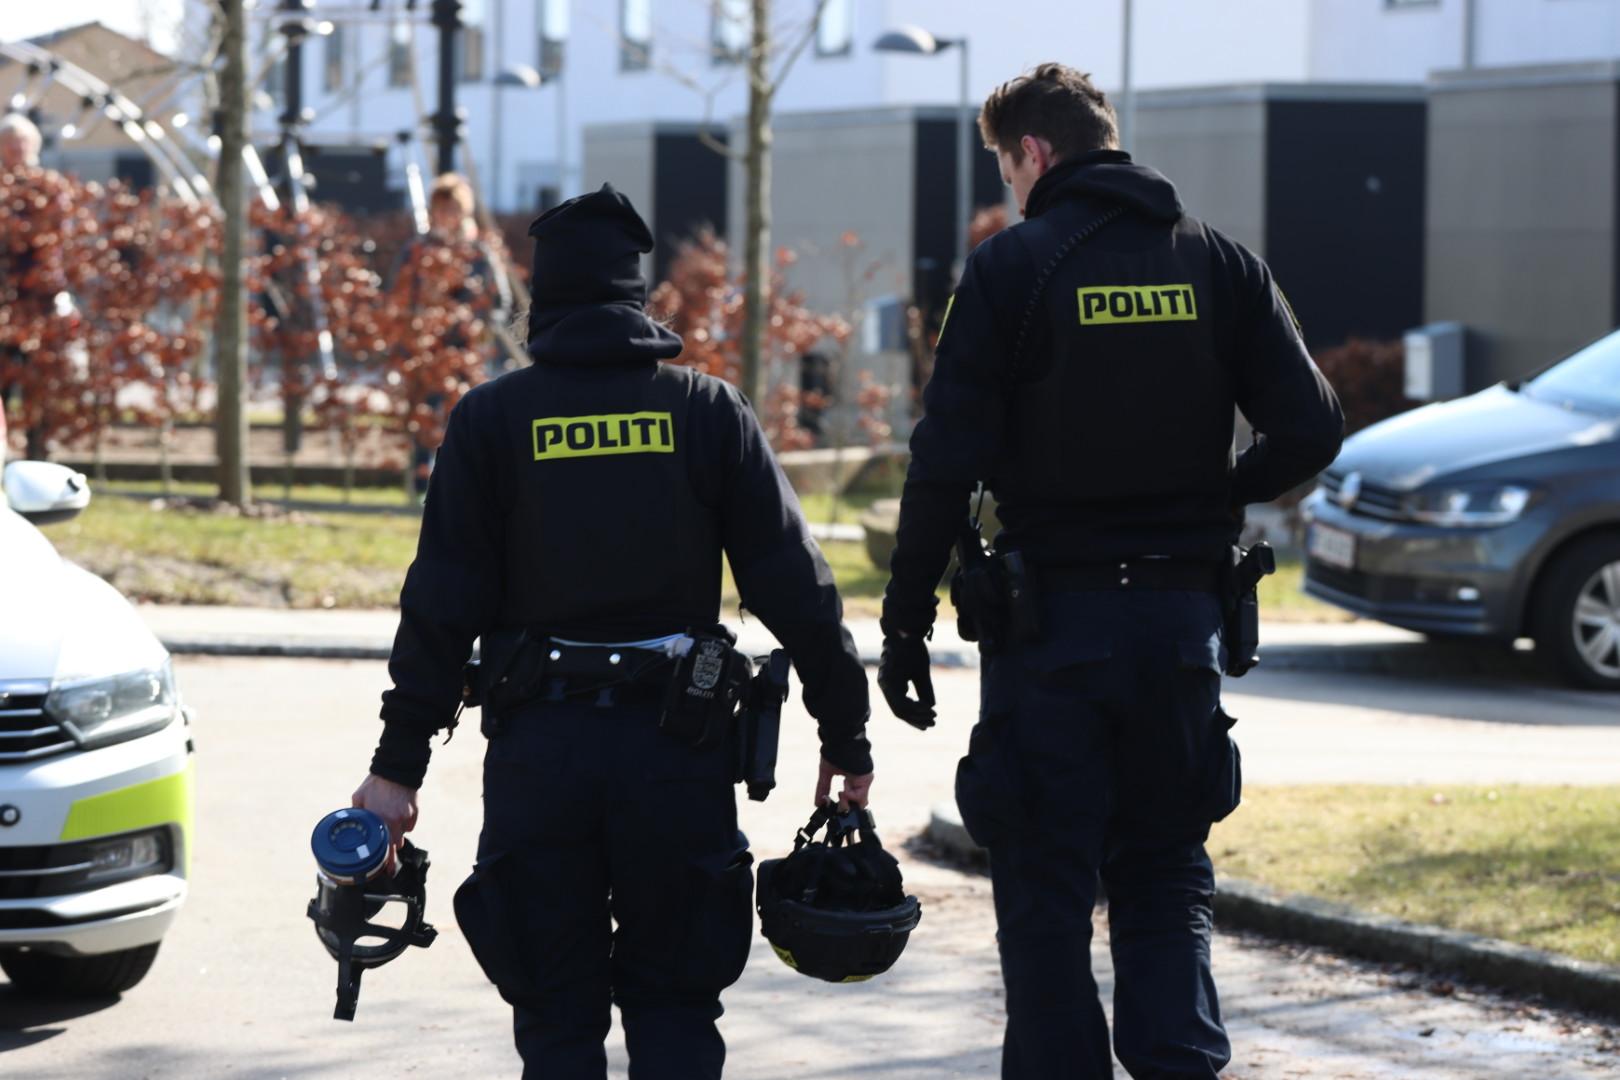 Politiaktion i Viby søndag formiddag